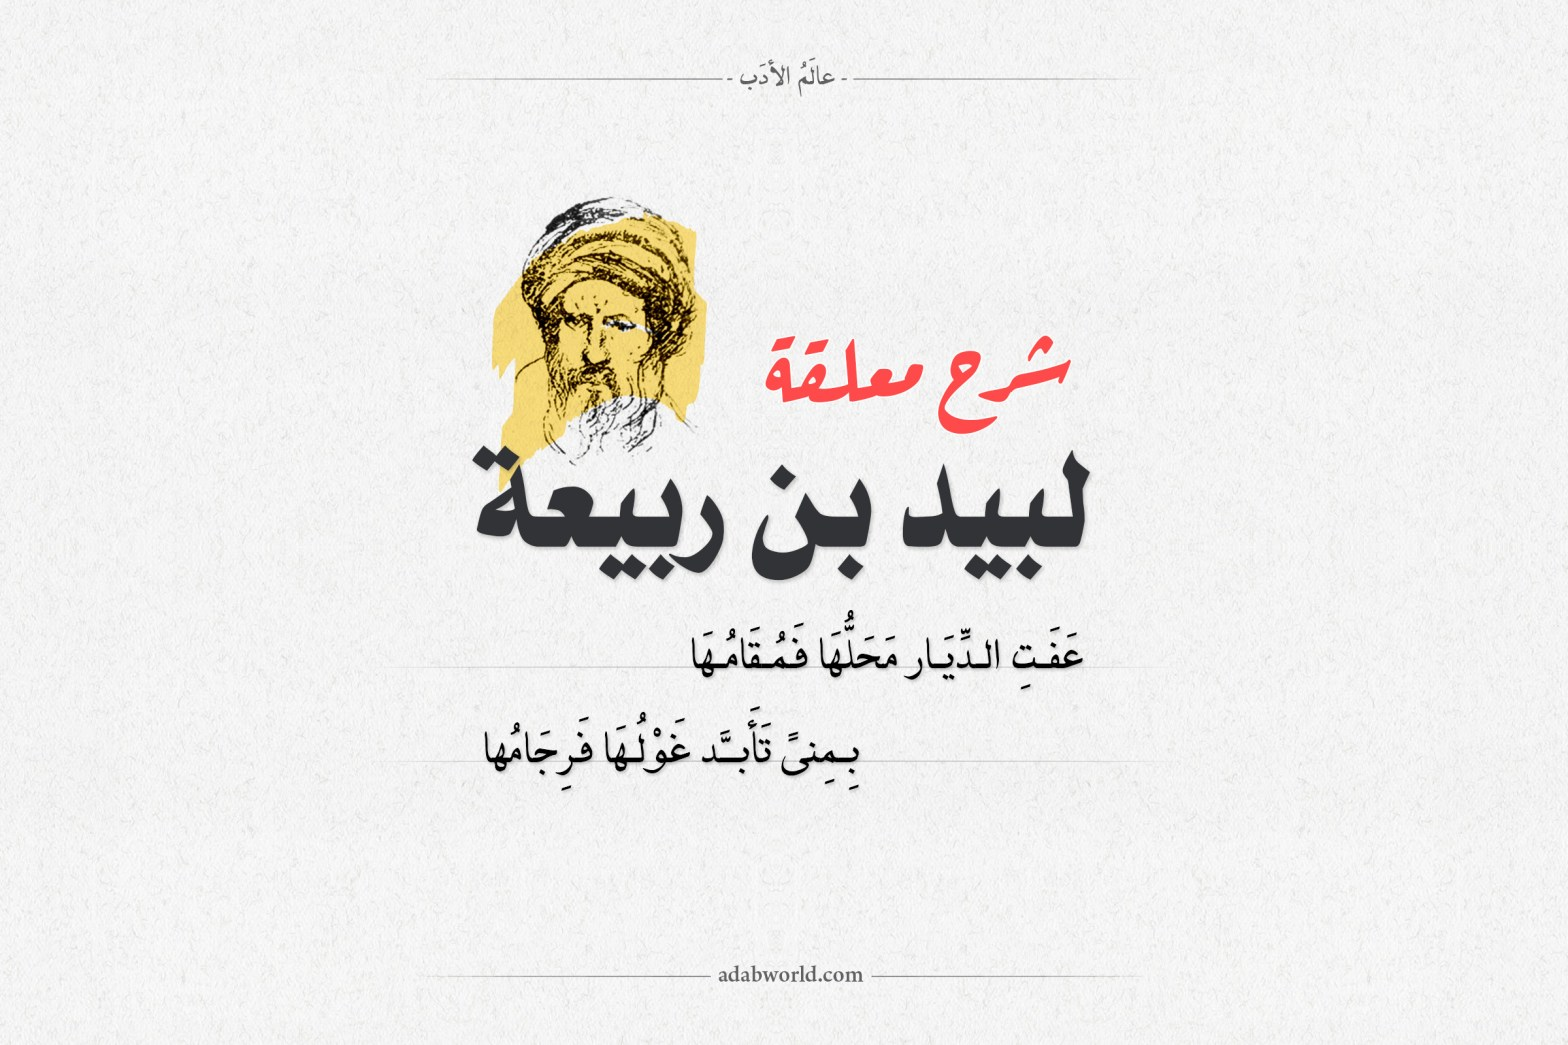 شرح معلقة لبيد بن ربيعة - عفت الديار محلها فمقامها